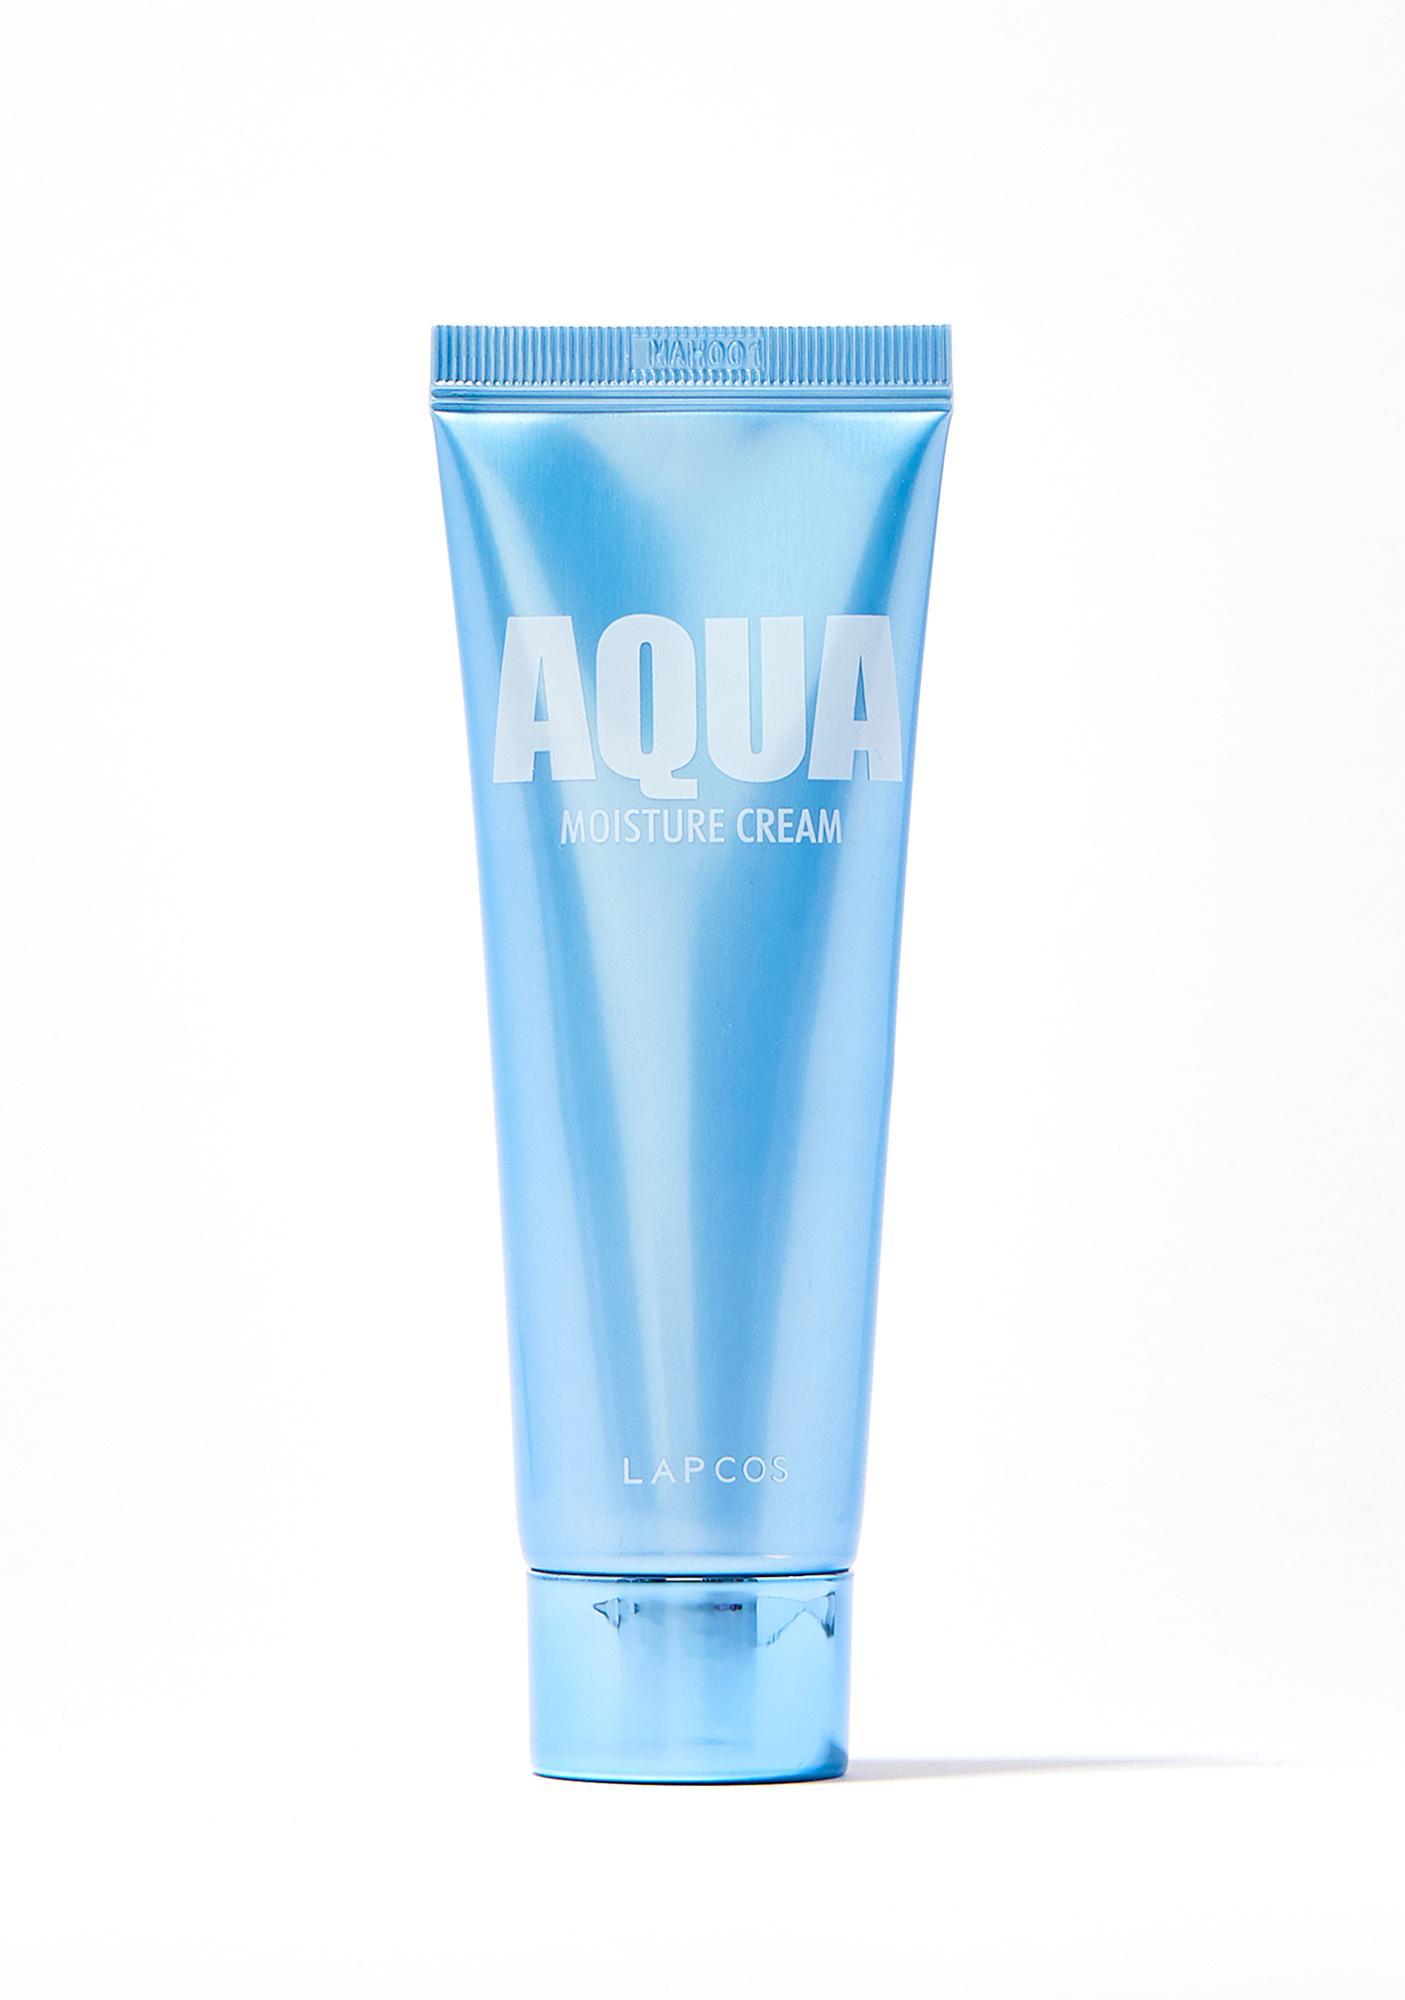 LAPCOS Aqua Moisture Cream